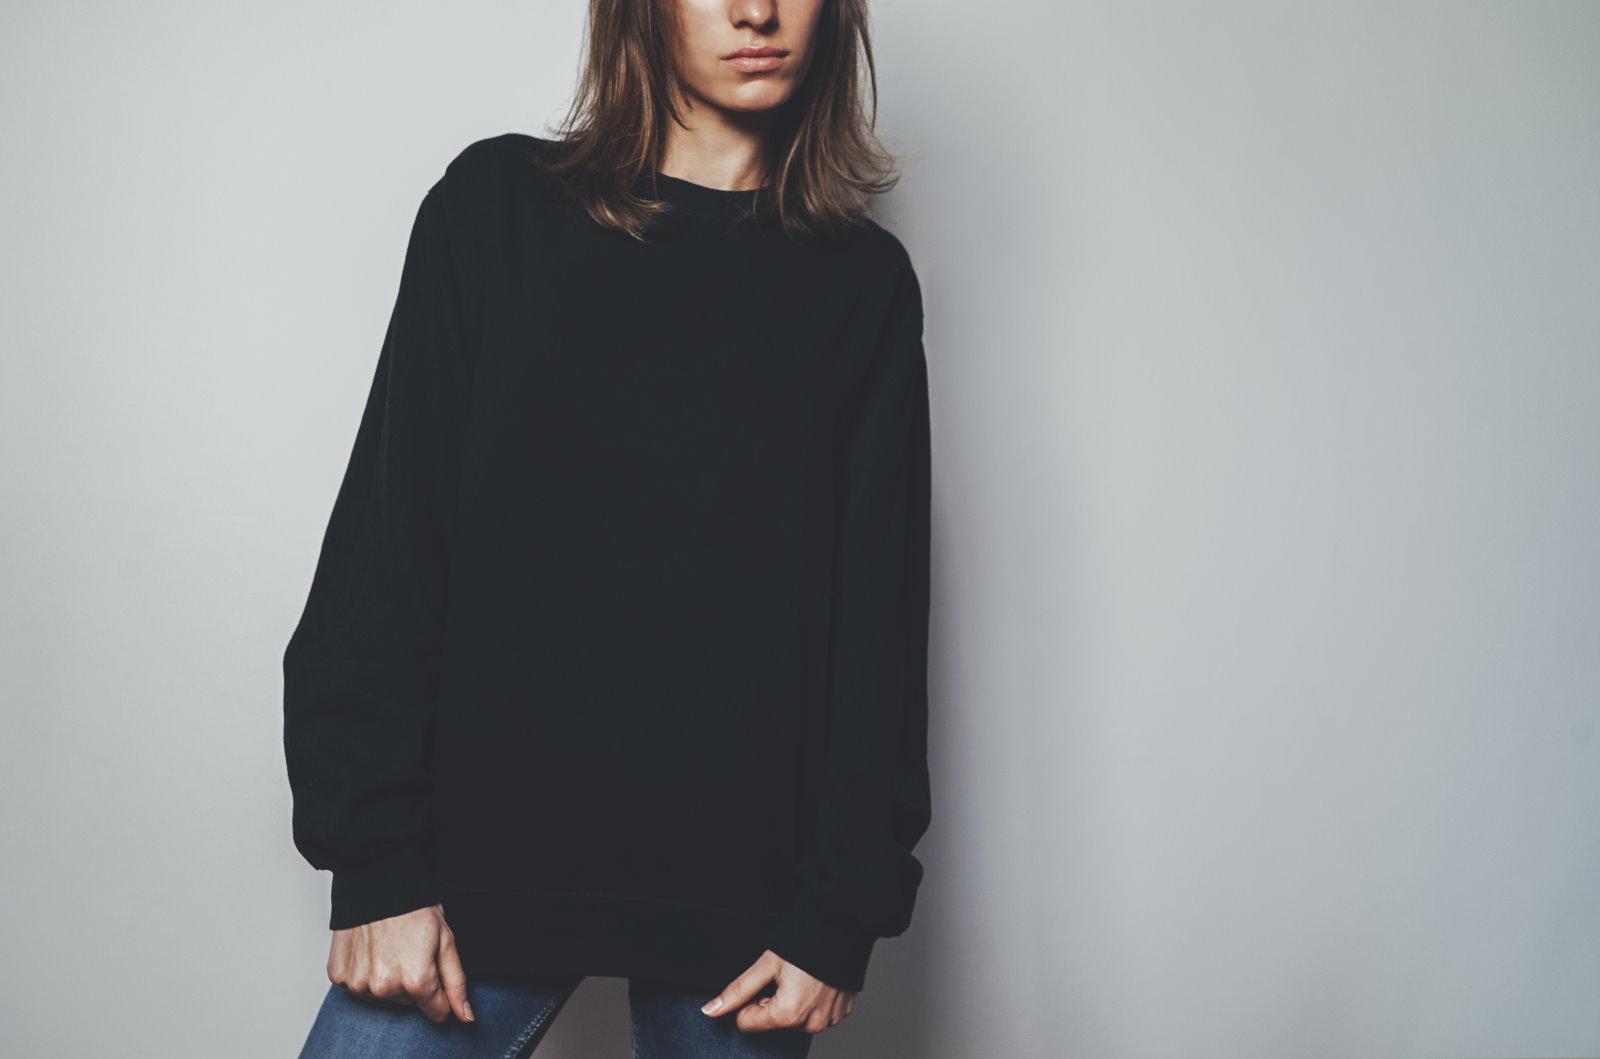 dziewczyna w czarnej bluzie